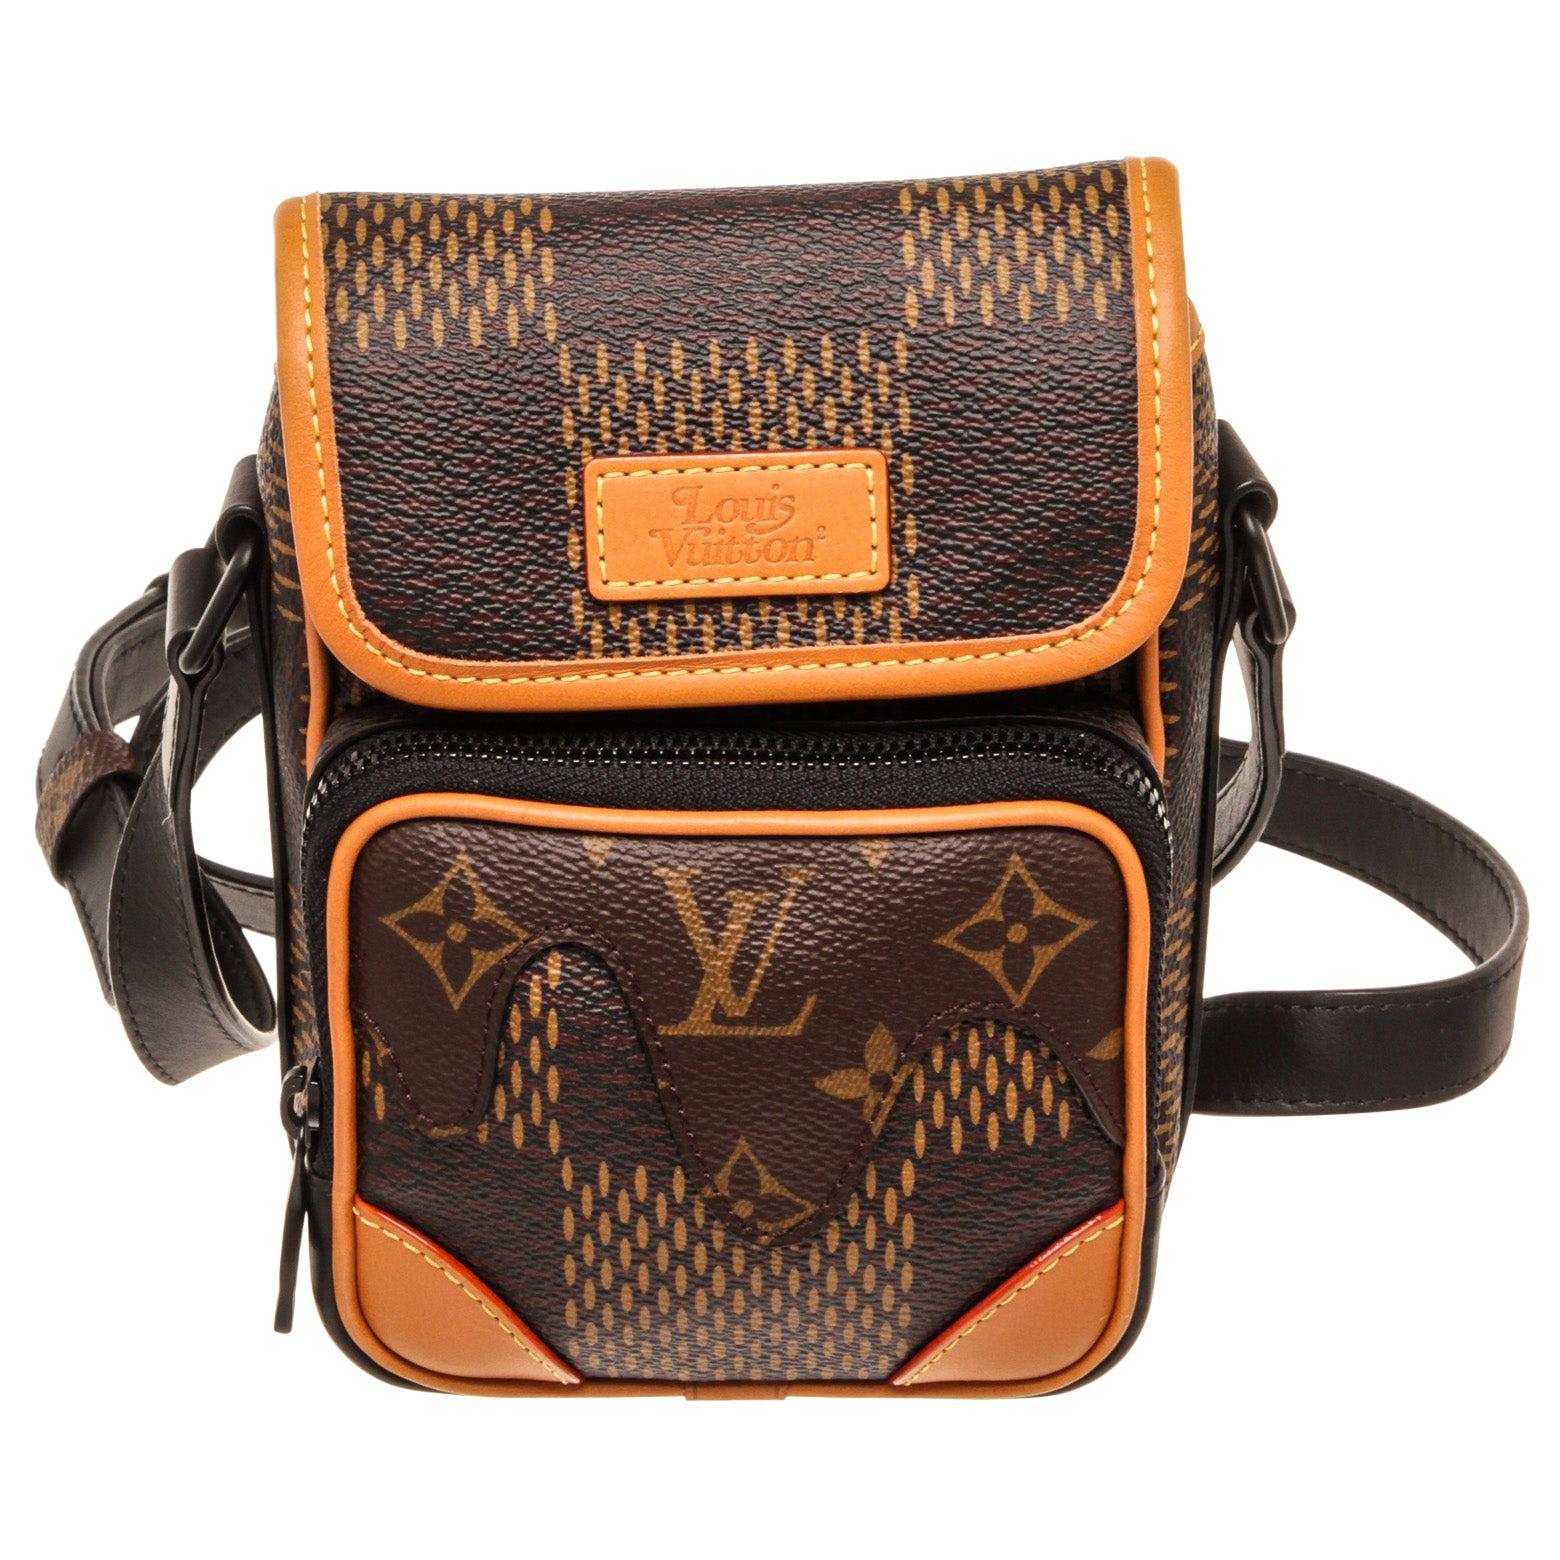 Louis Vuitton Nigo Nano Amazon